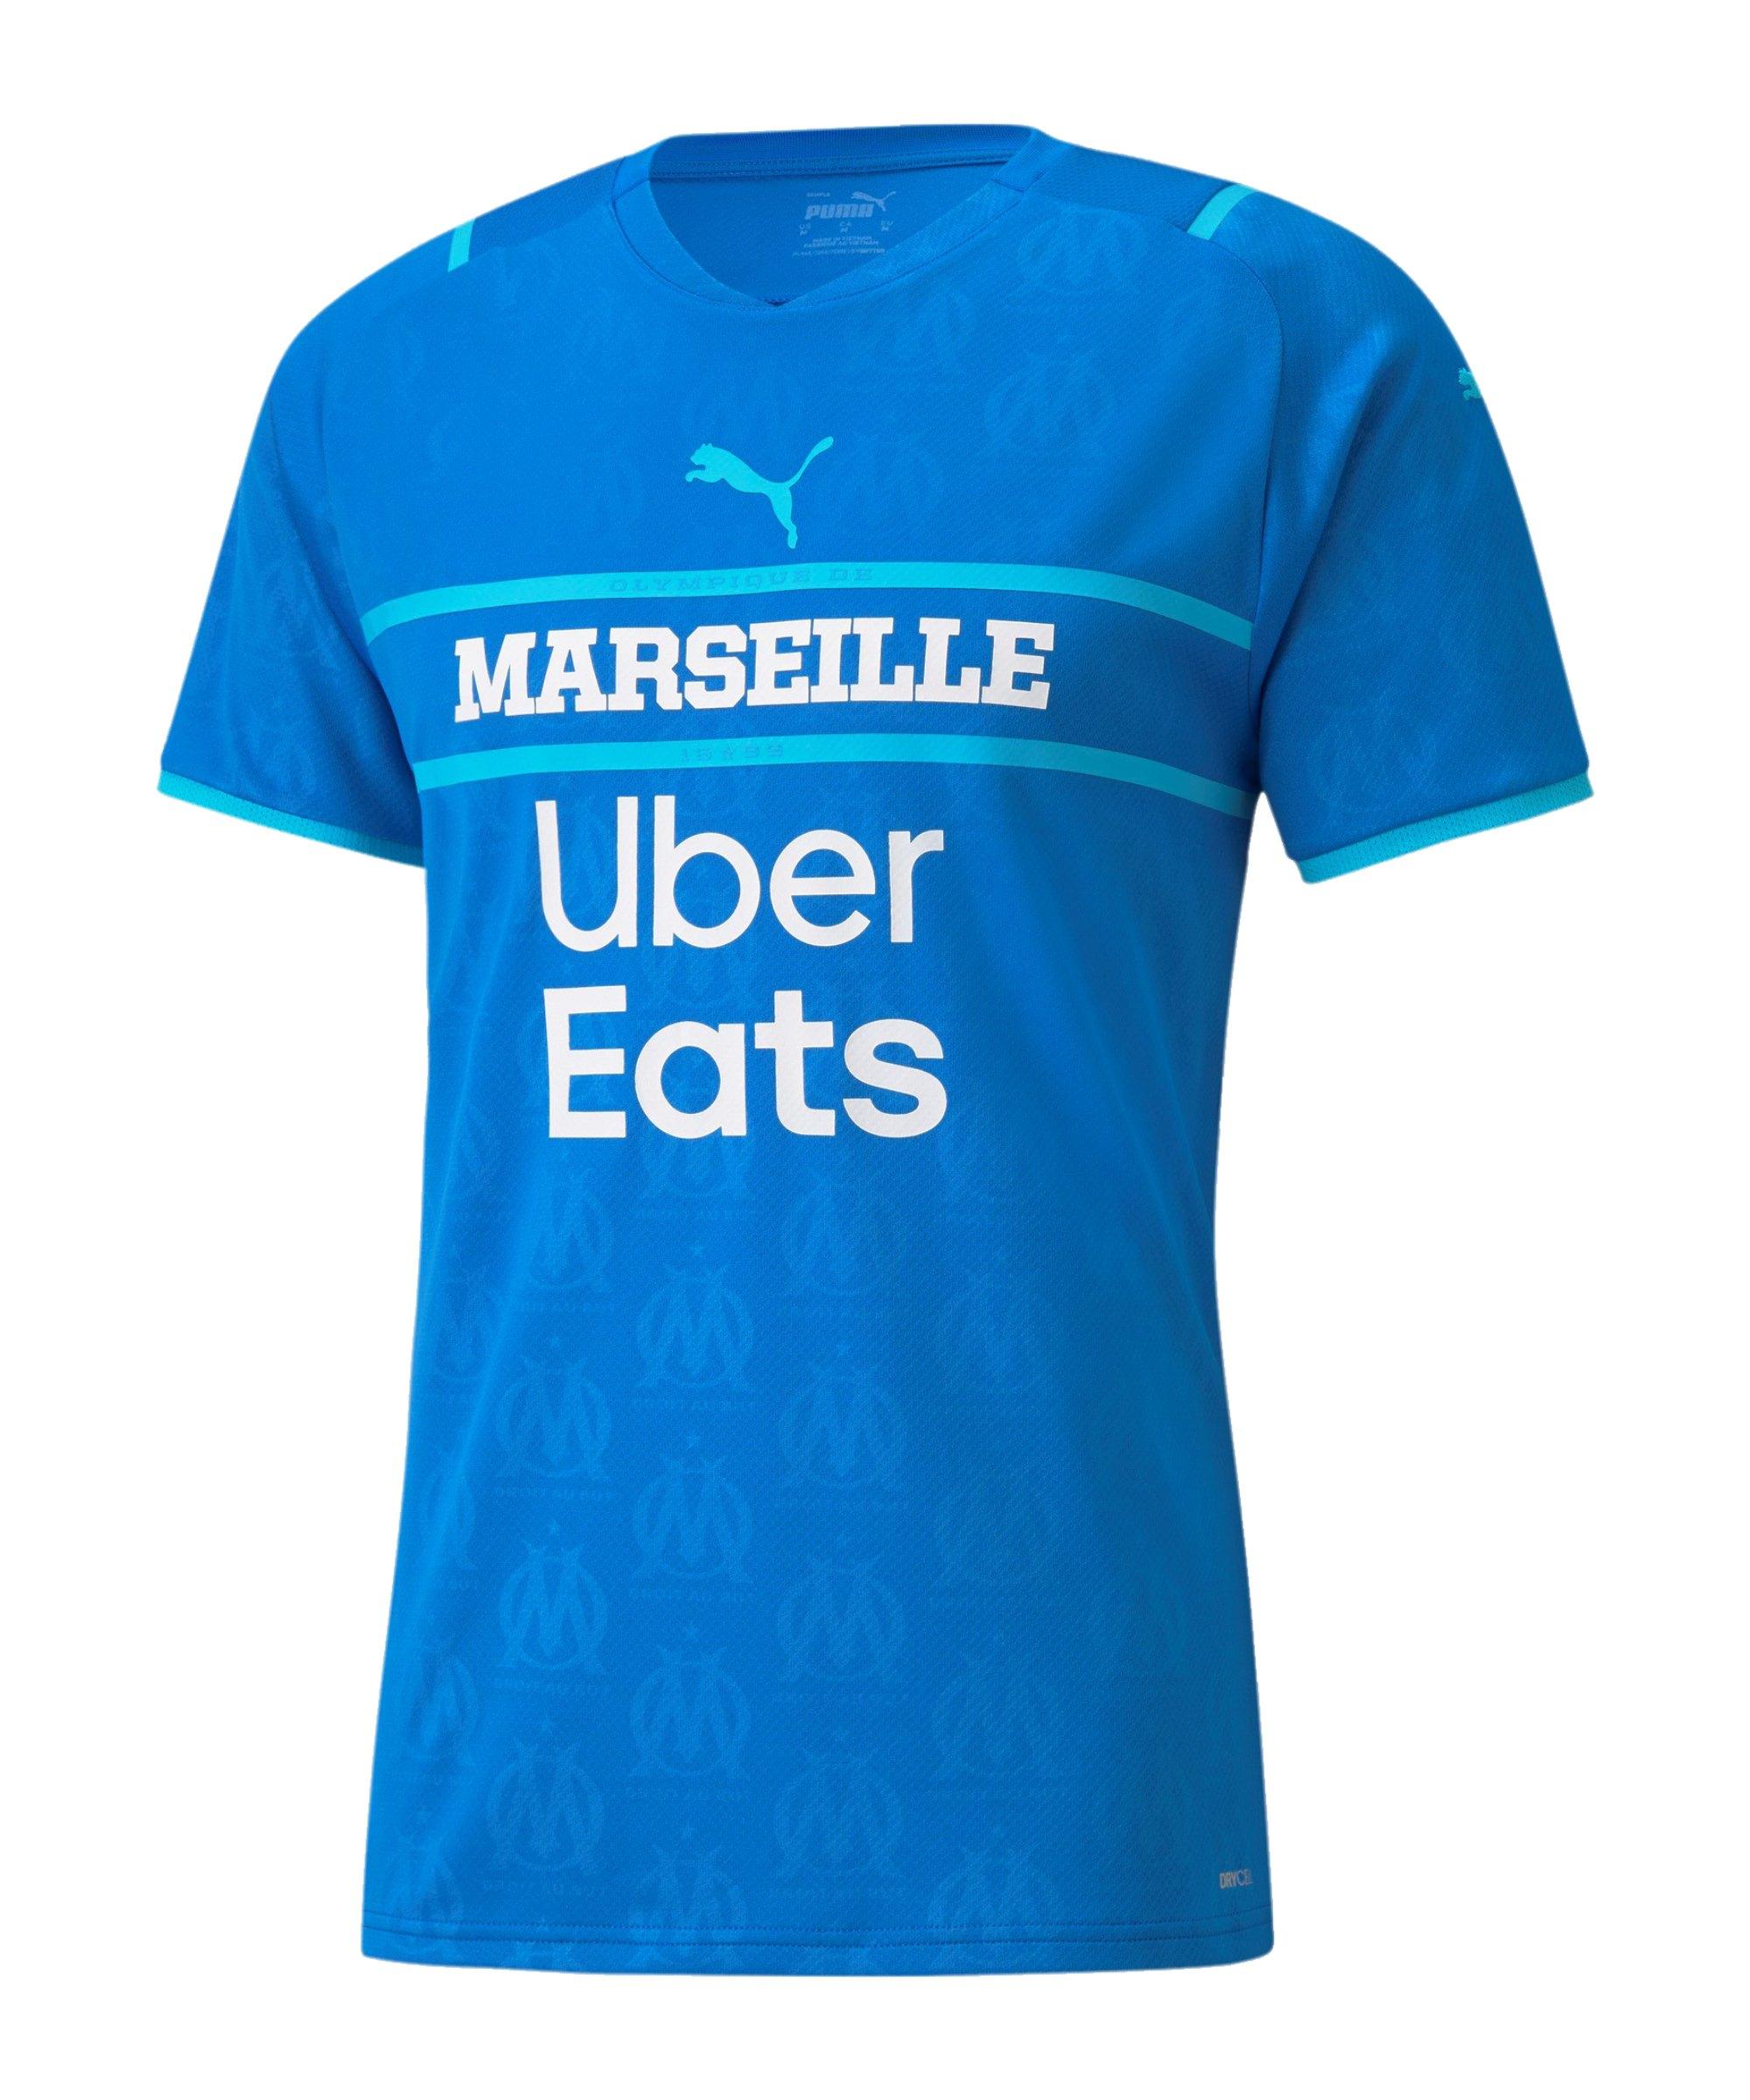 PUMA Olympique Marseille Trikot 3rd w.S. 2021/2022 Blau F03 - blau